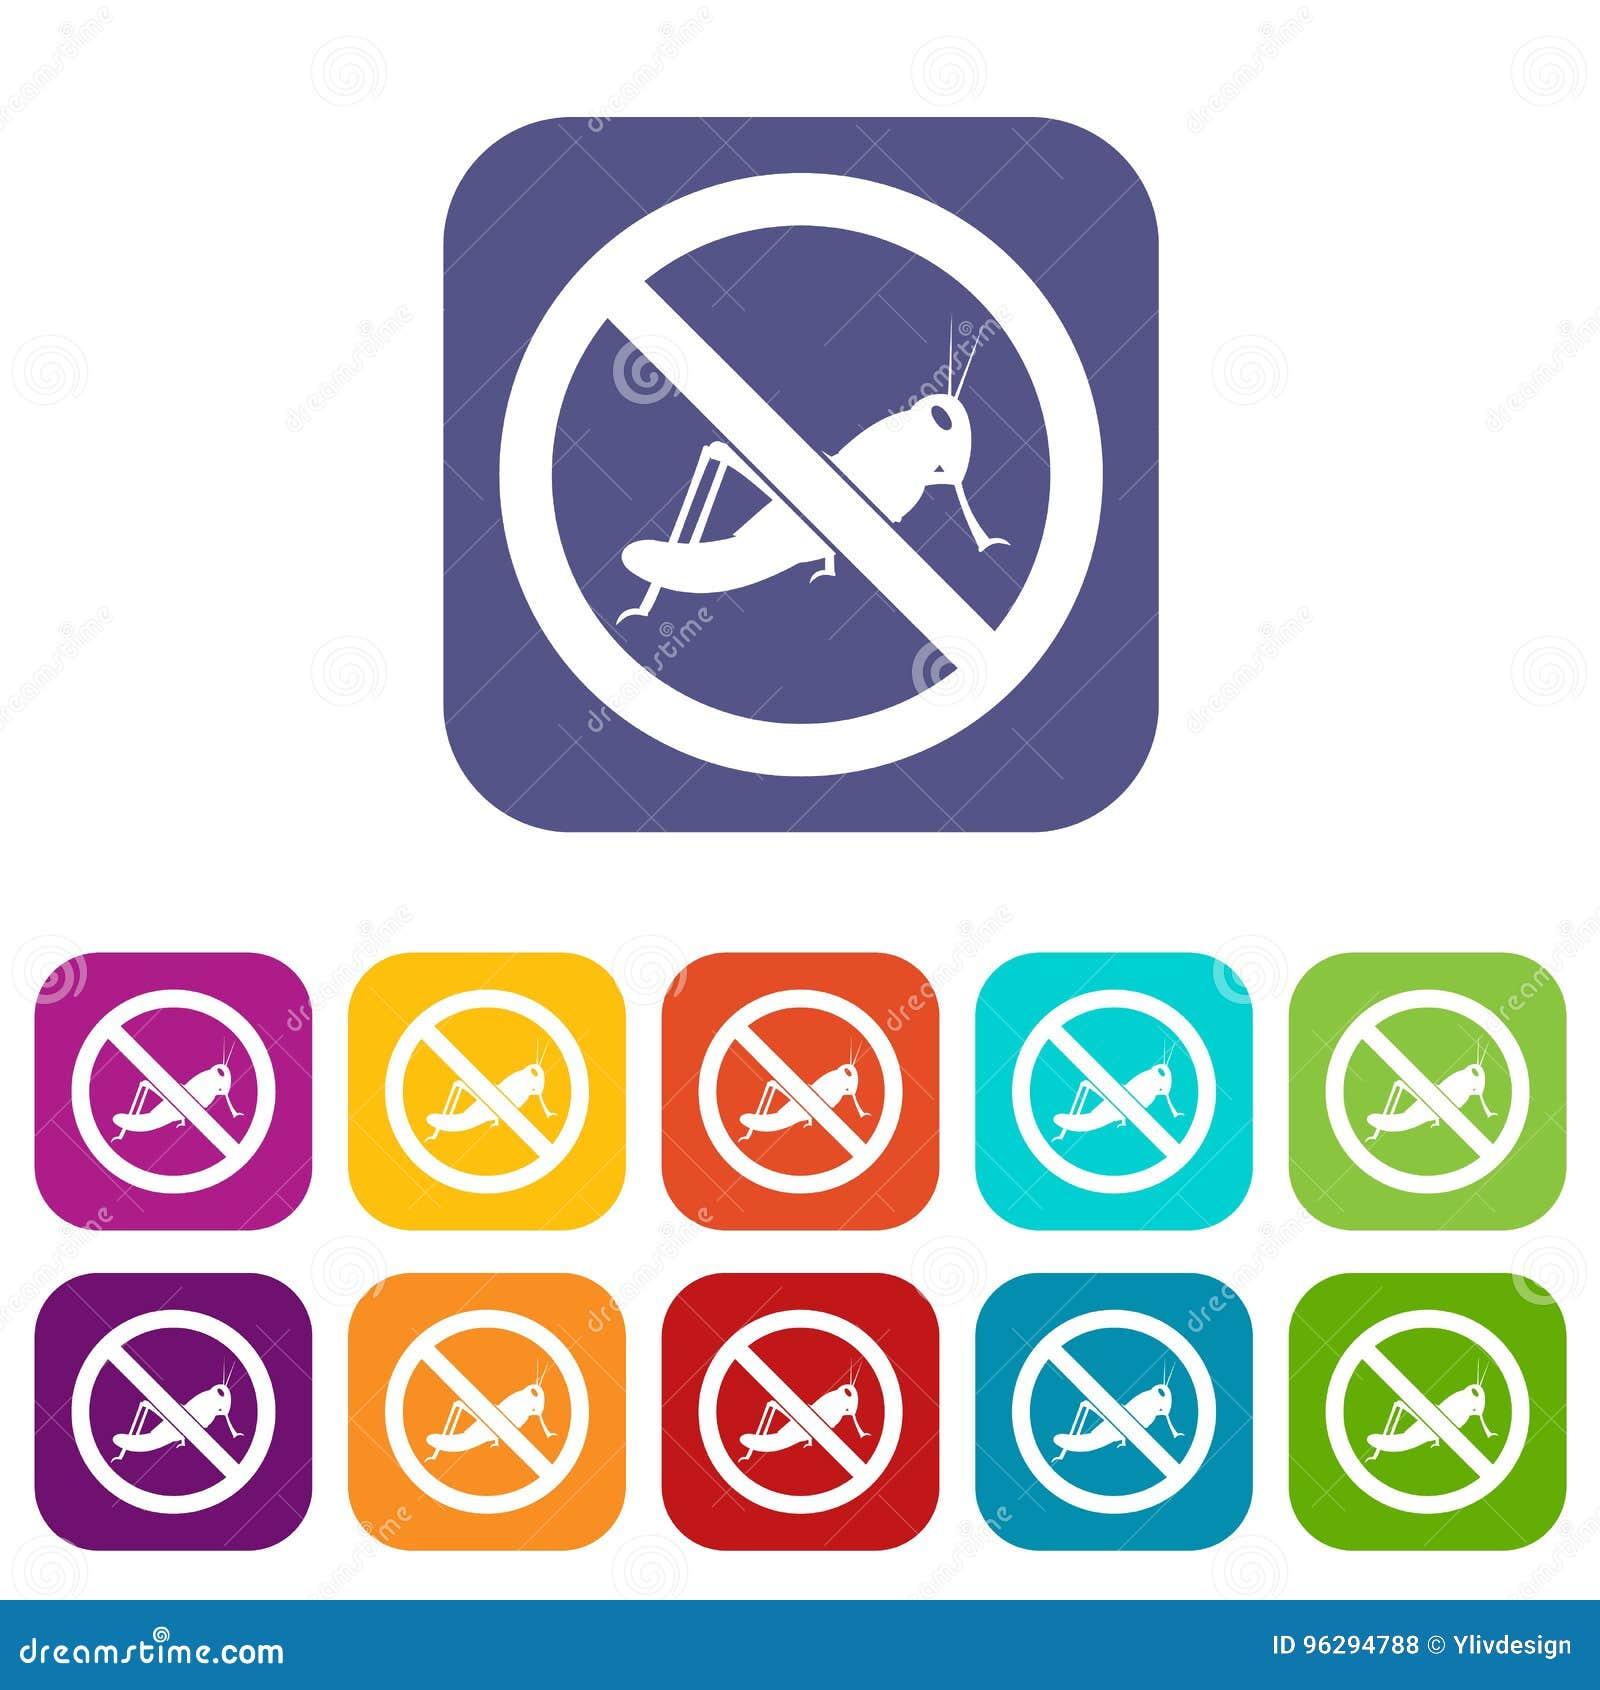 No locust sign icons set